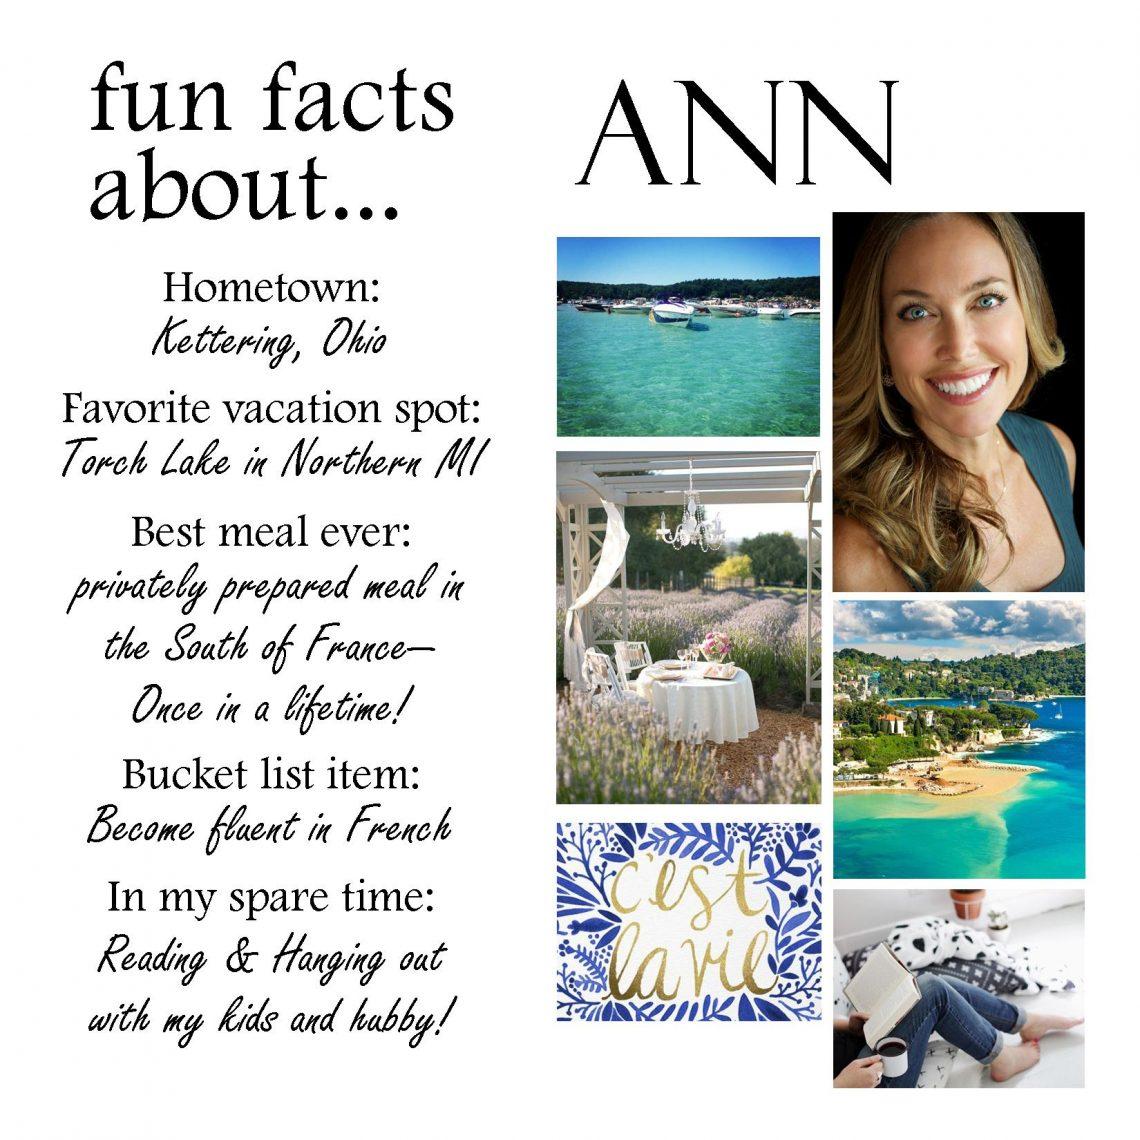 ann-fun-facts